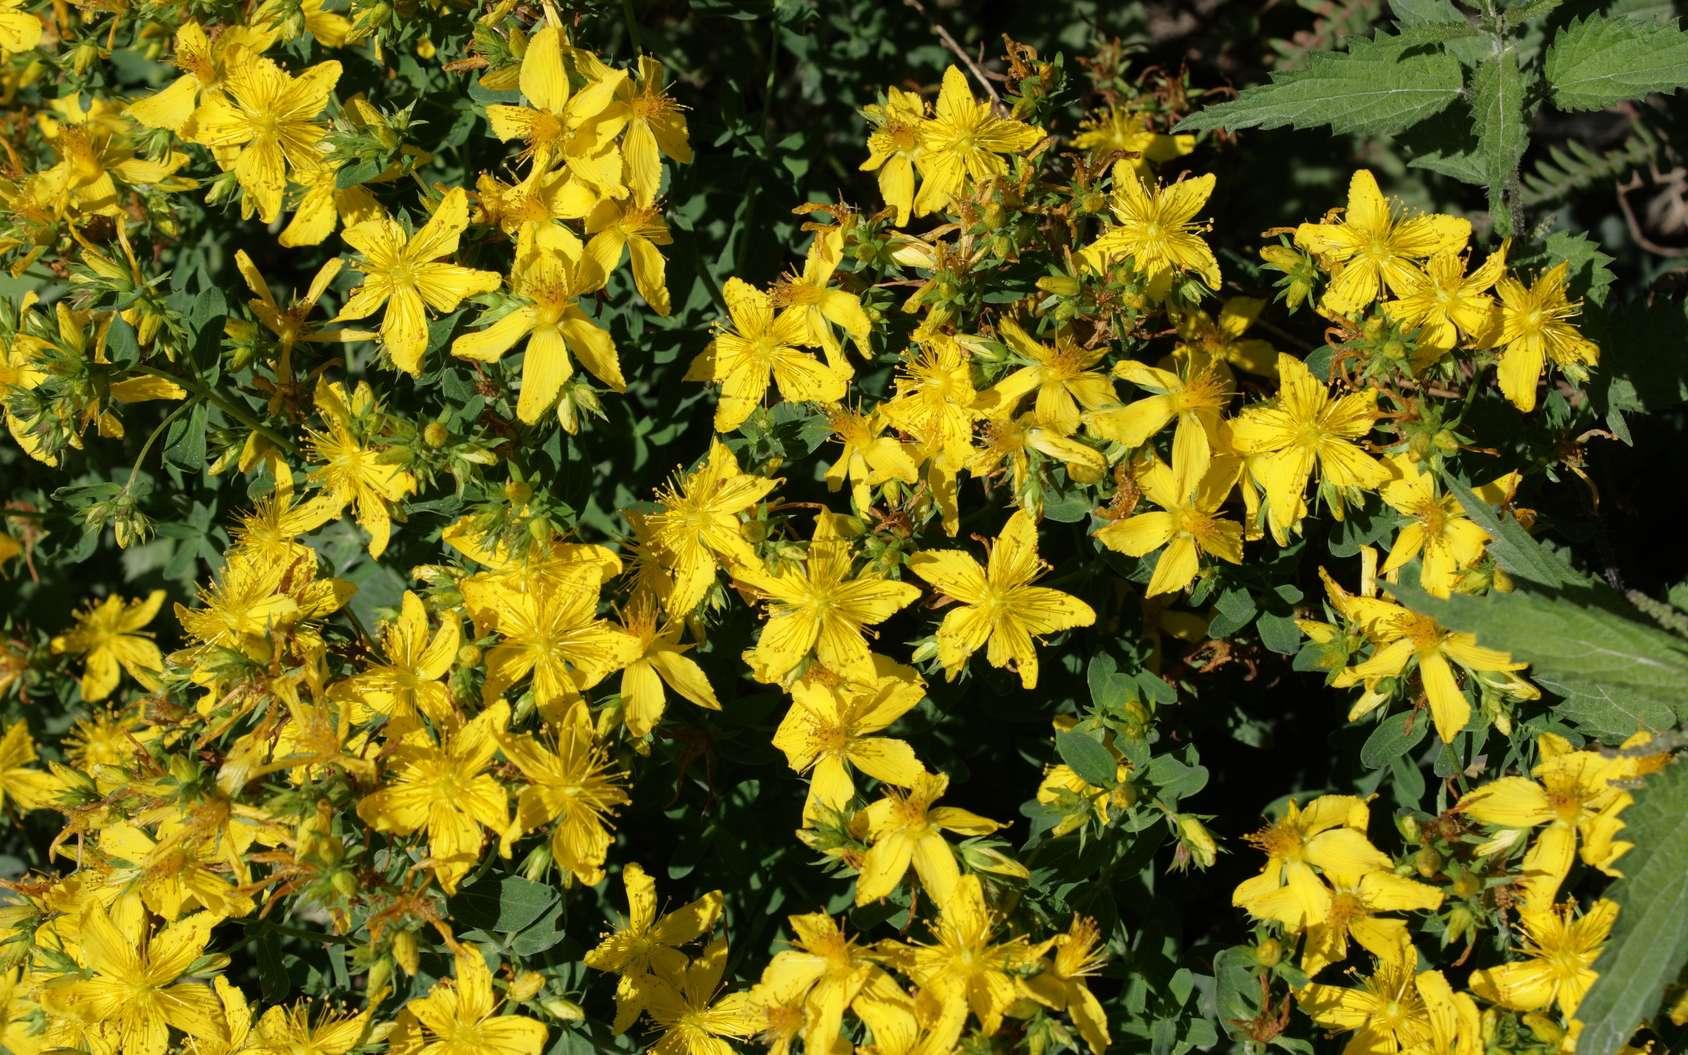 Le millepertuis, une plante à utiliser avec précaution. © arenysam, fotolia